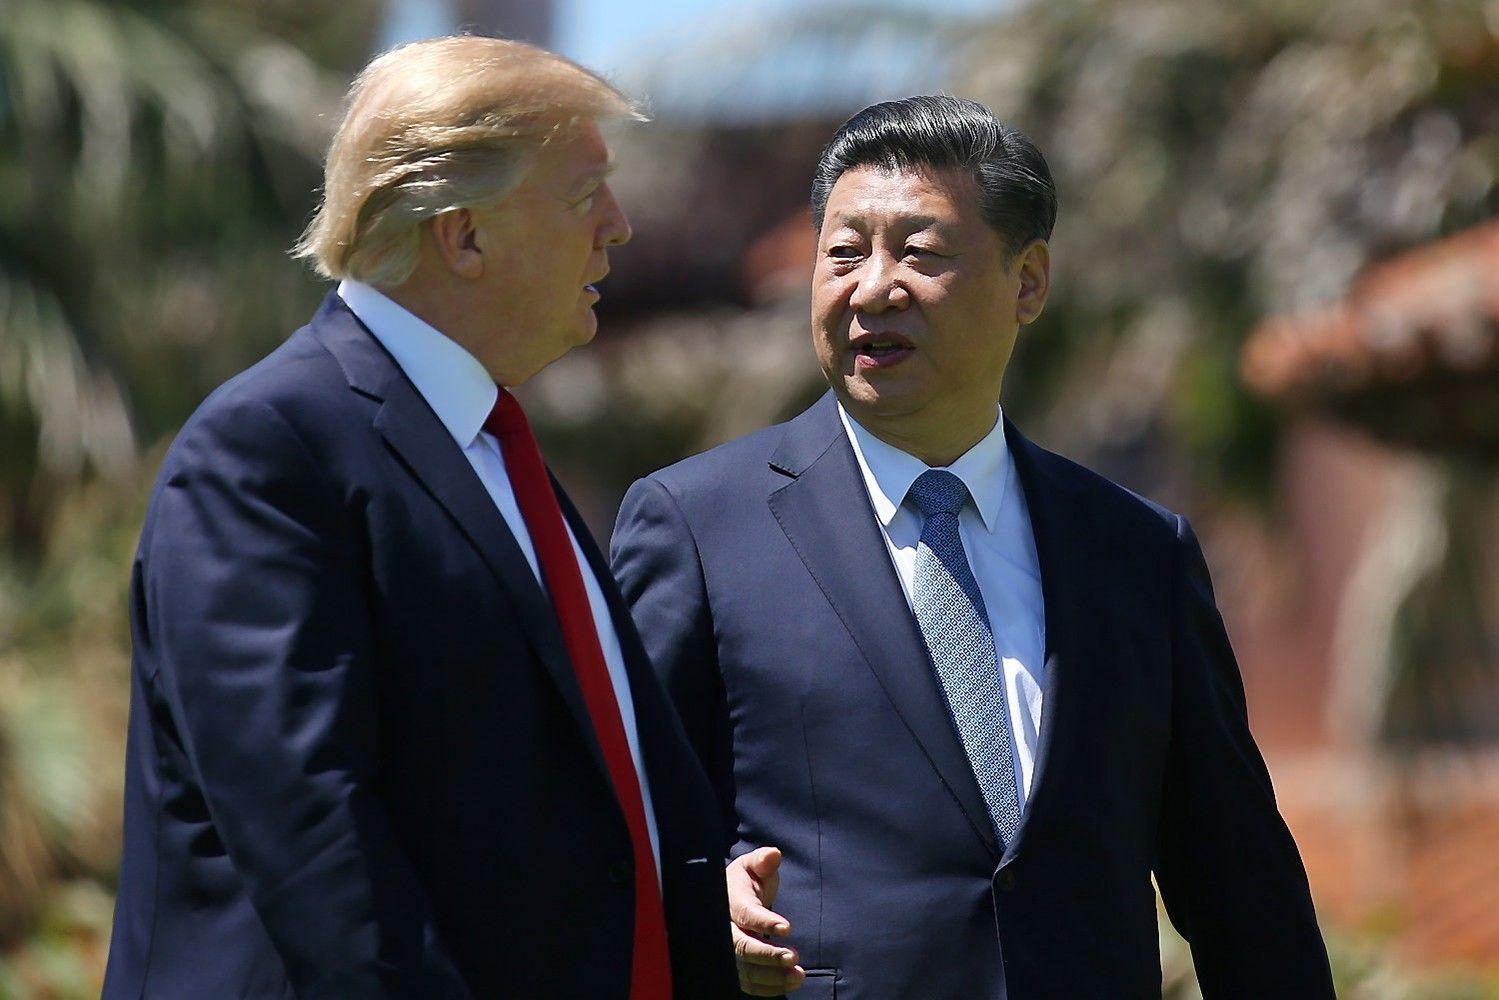 Norėdama išvengti prekybinio karo, Kinija pasiūlė JAV nuolaidų